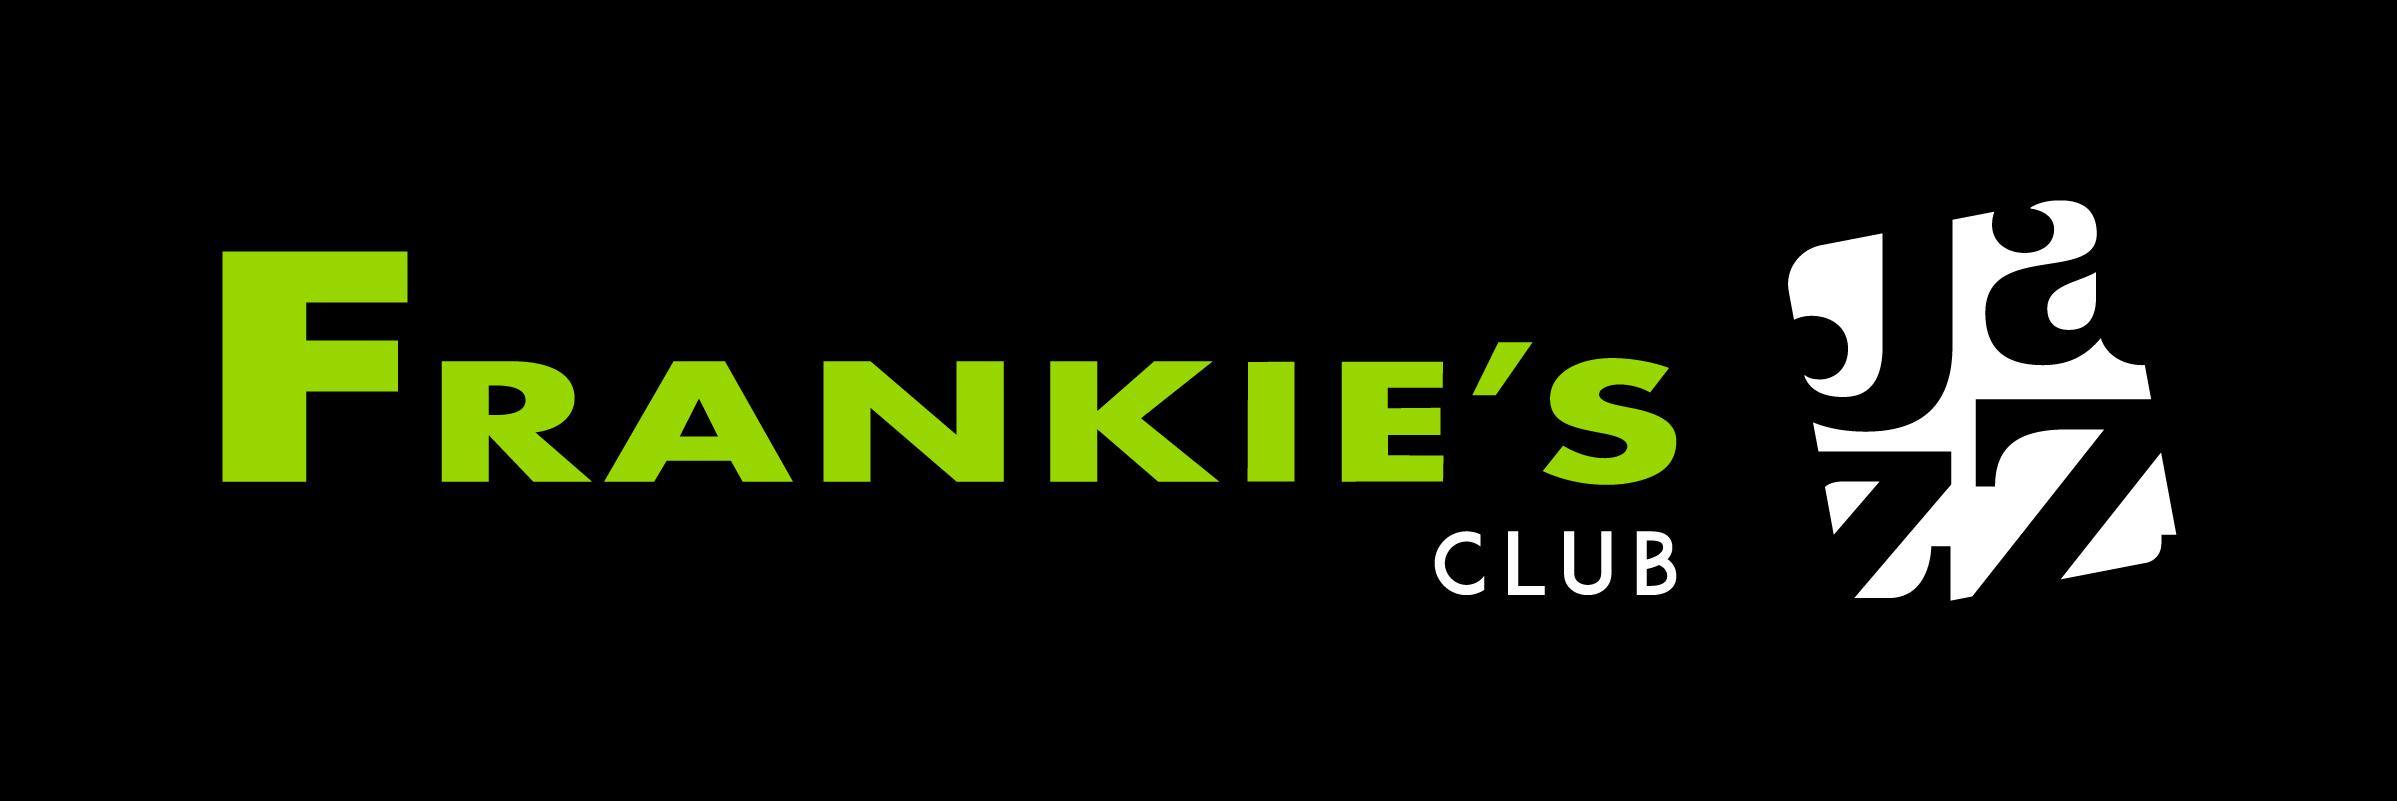 frankies_logo_rev_RGB.jpg